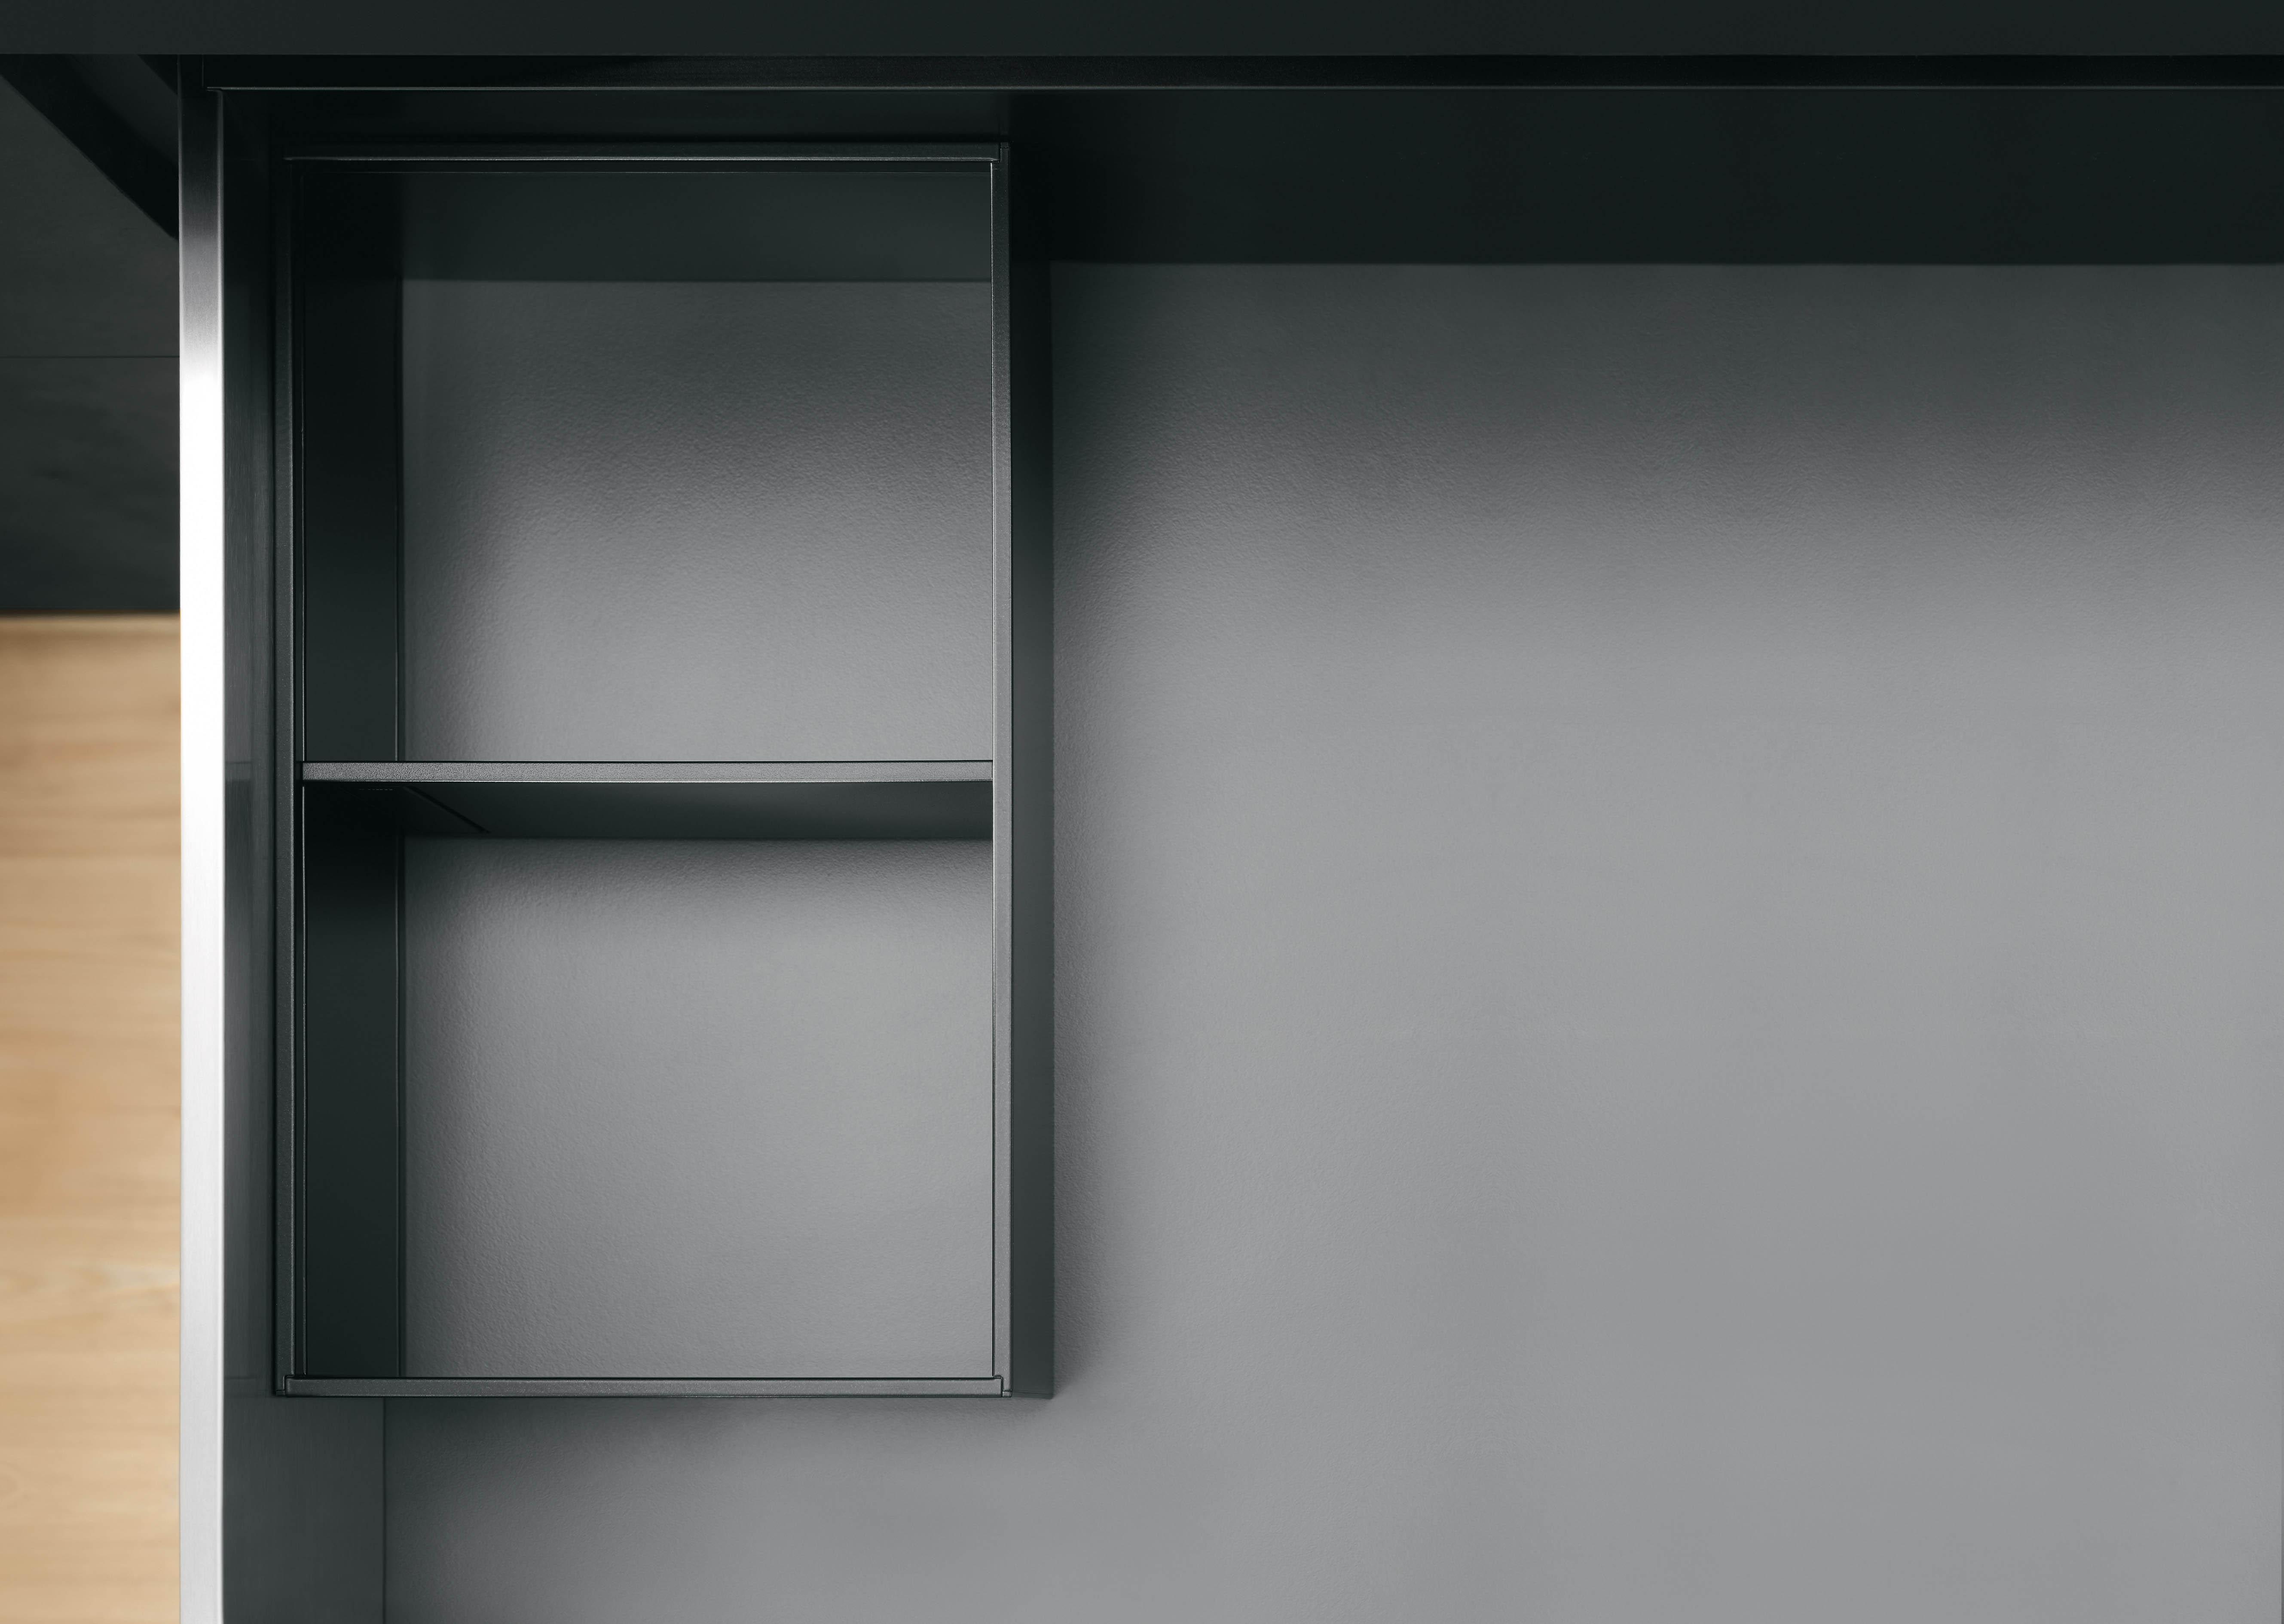 Lade-indeling keuken met magnetische Legrabox van Blum